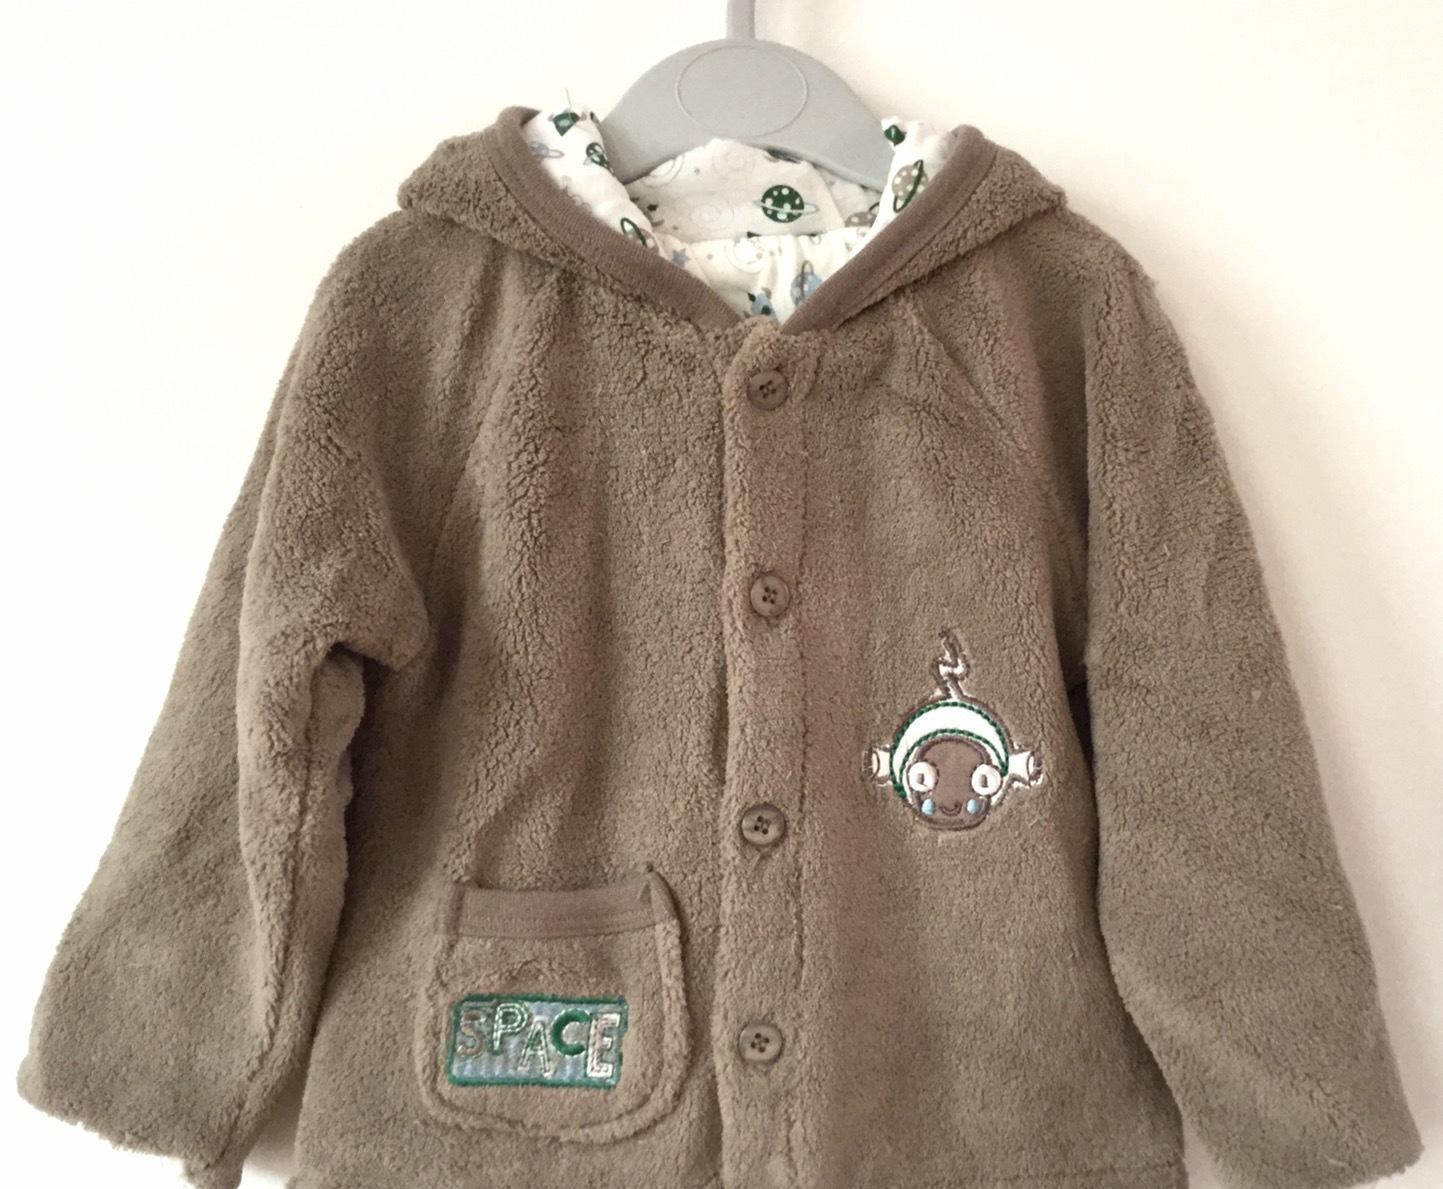 童装新款婴幼儿珊瑚绒带帽保暖加厚外套 开衫 厂家直销 一件待发